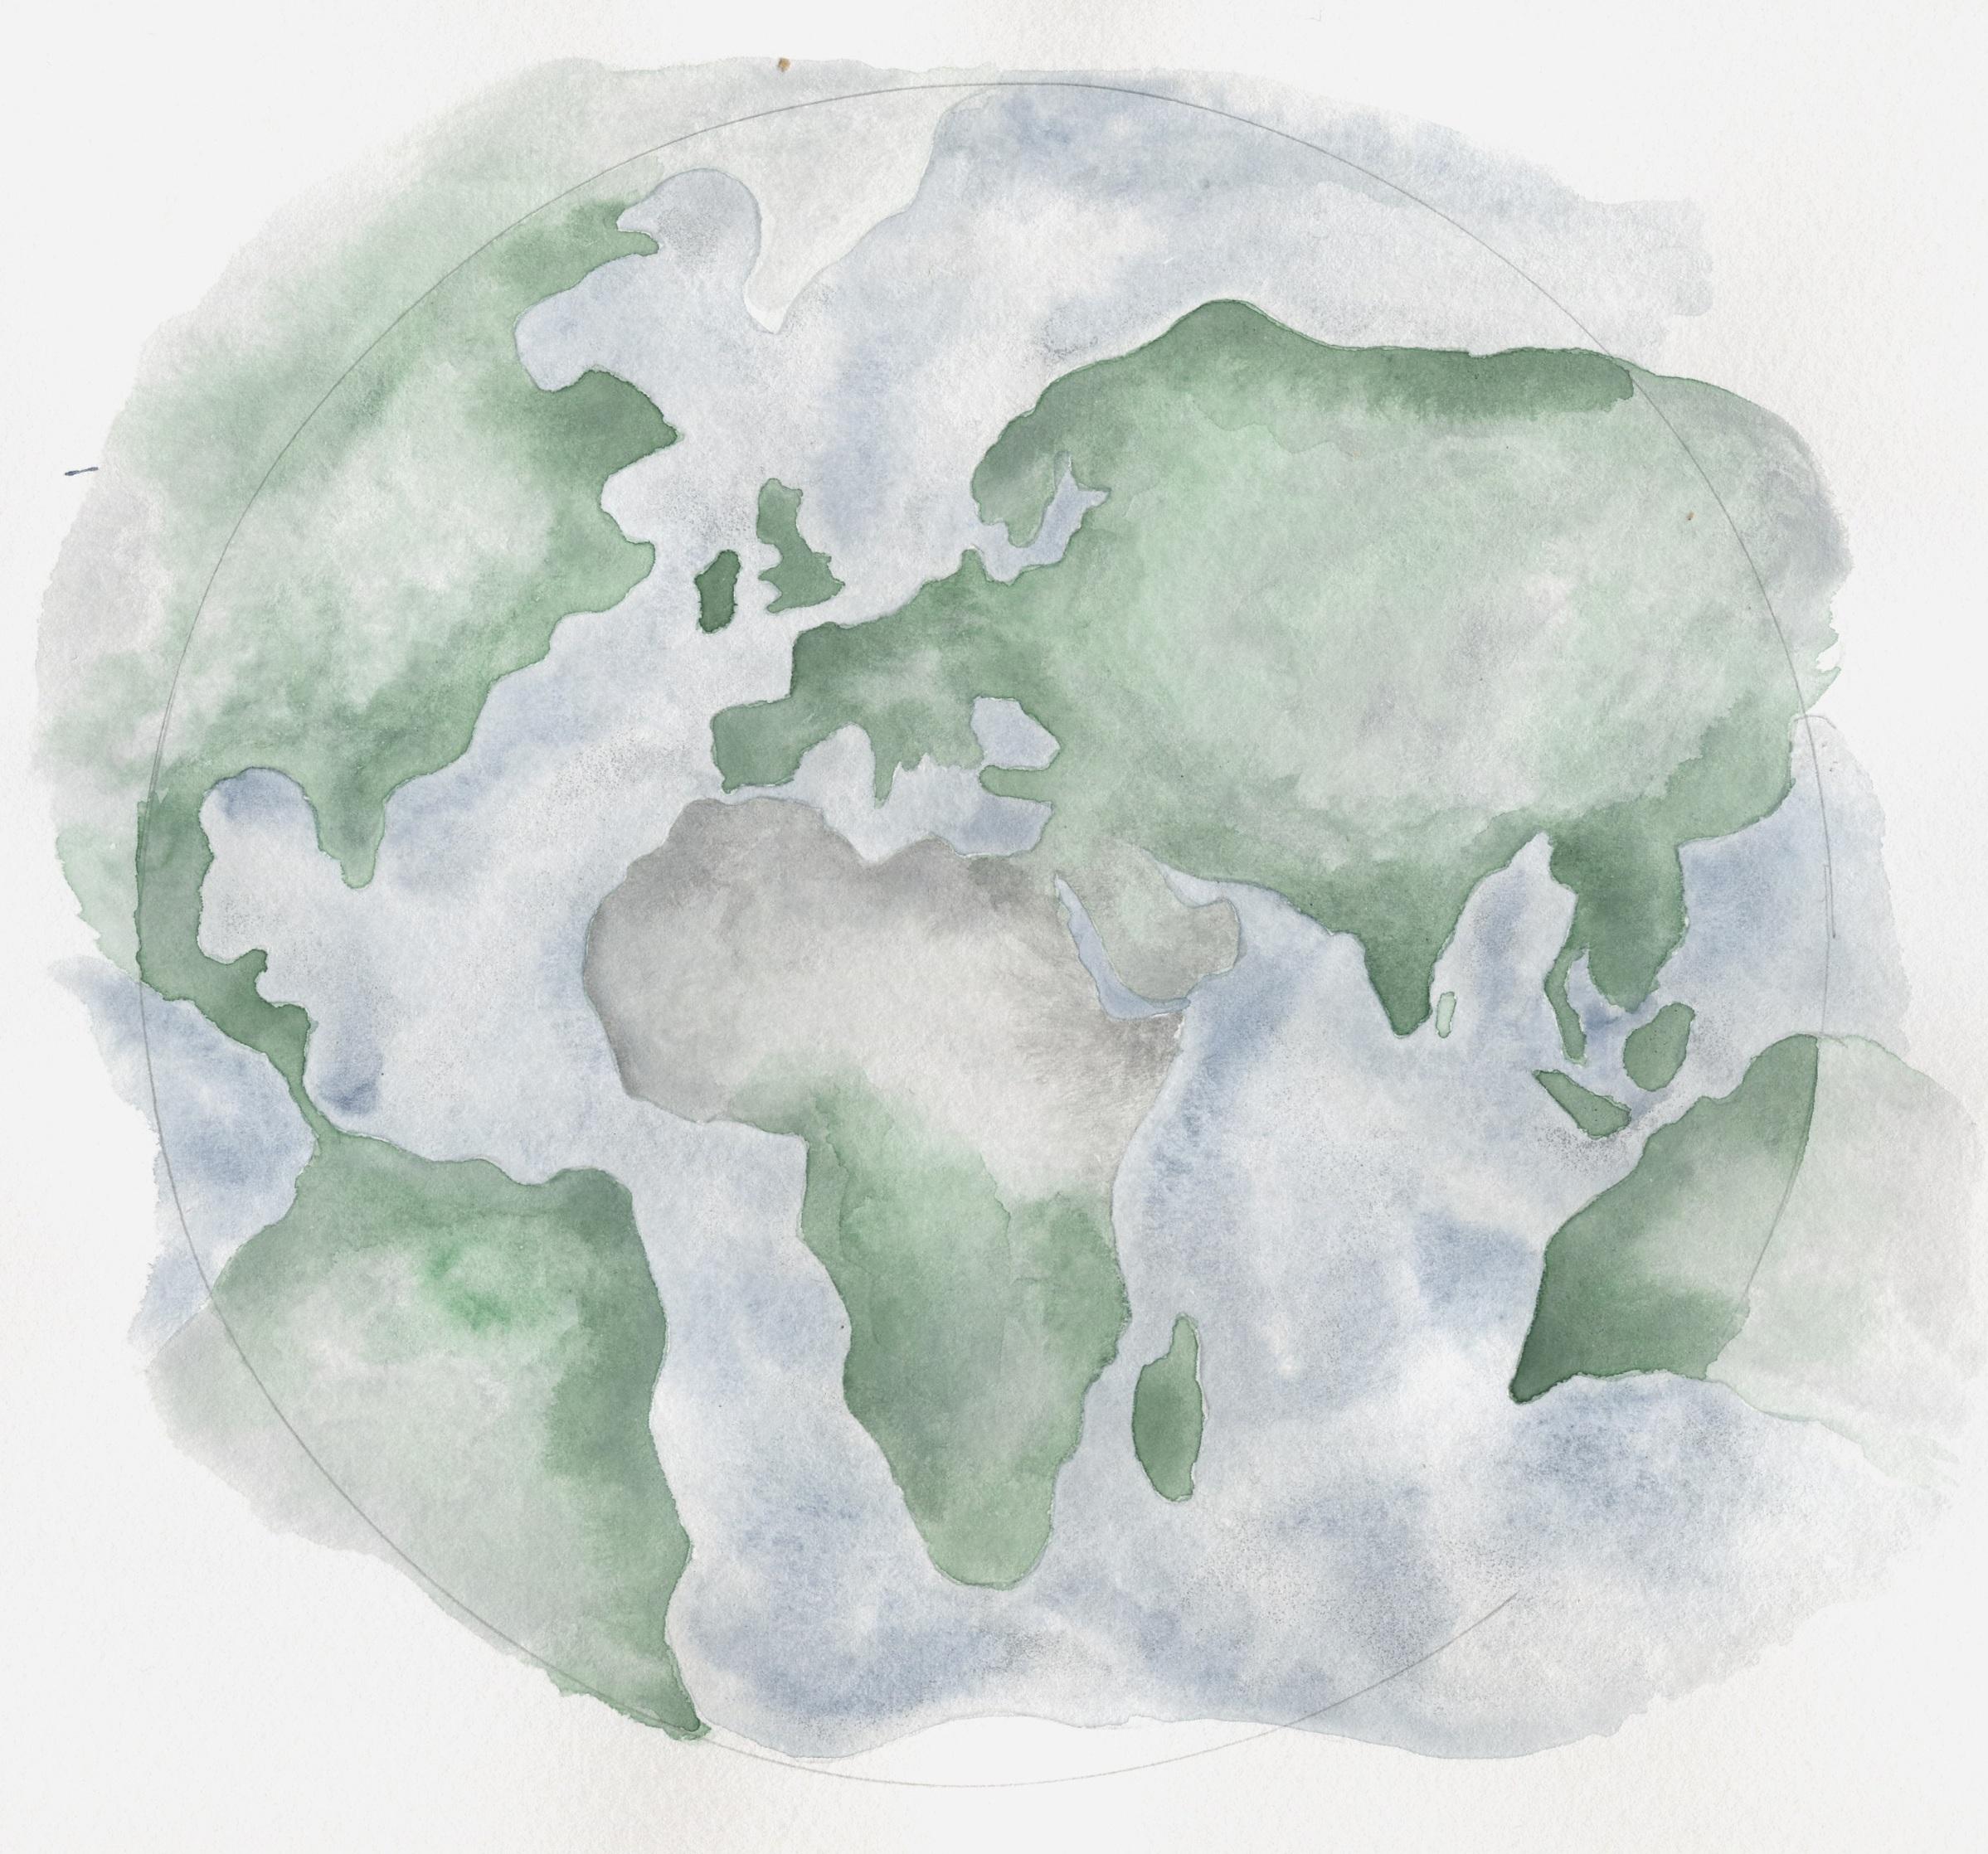 Round map.jpeg